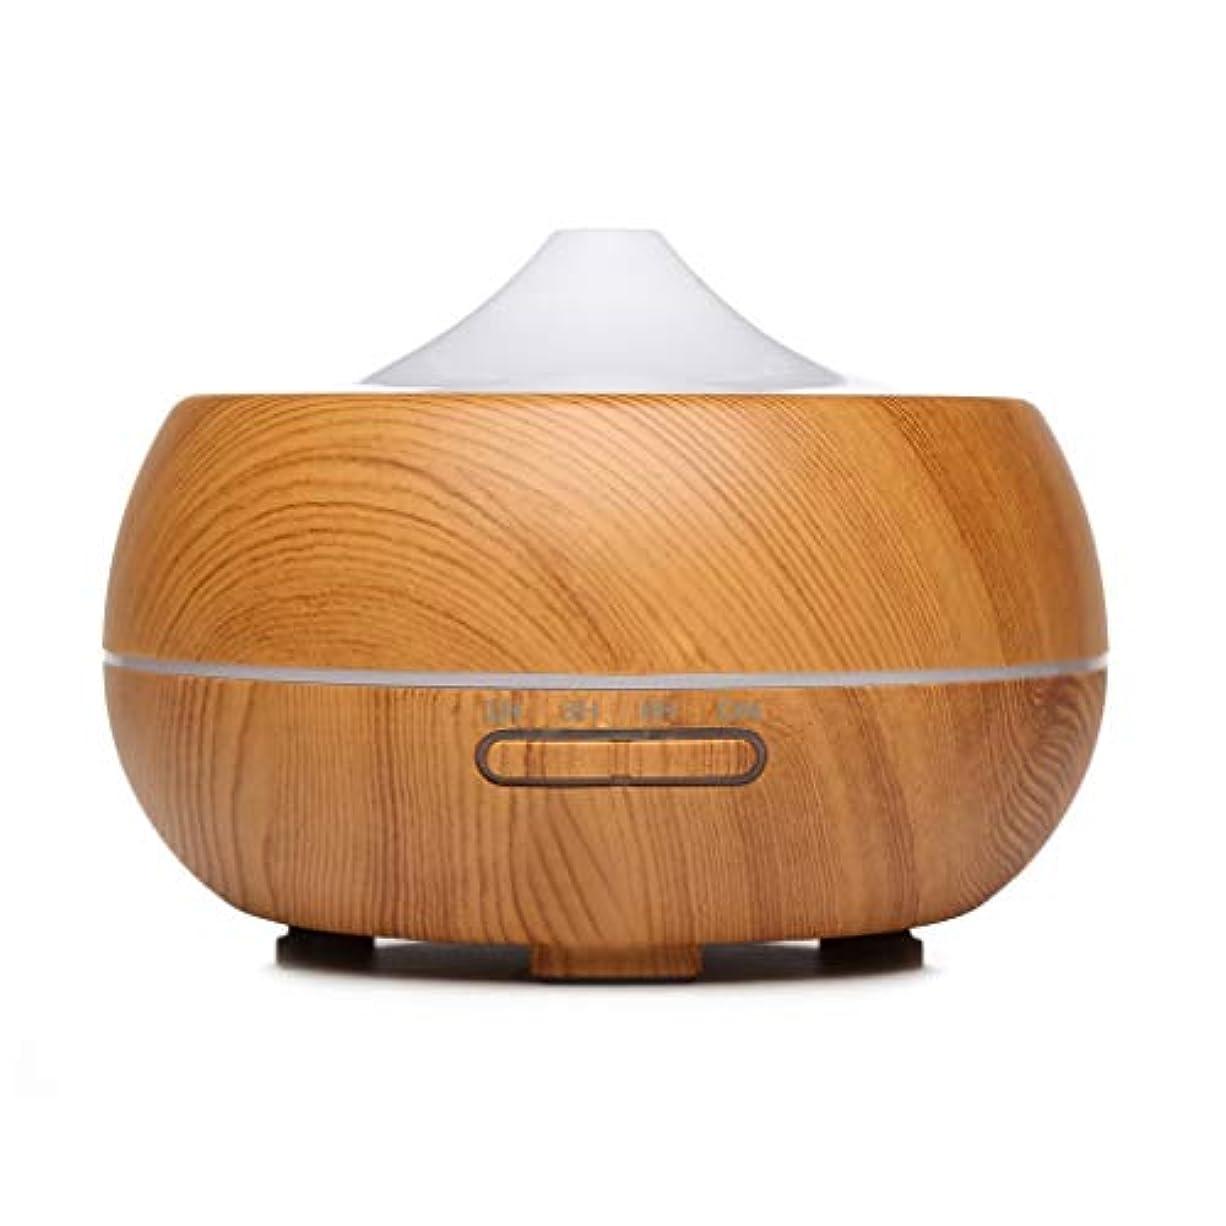 ペインティング褒賞粒300ミリリットルクールミスト加湿器超音波不可欠ディフューザー用オフィスホームベッドルームリビングルーム研究ヨガスパ、木目 (Color : Light wood grain)